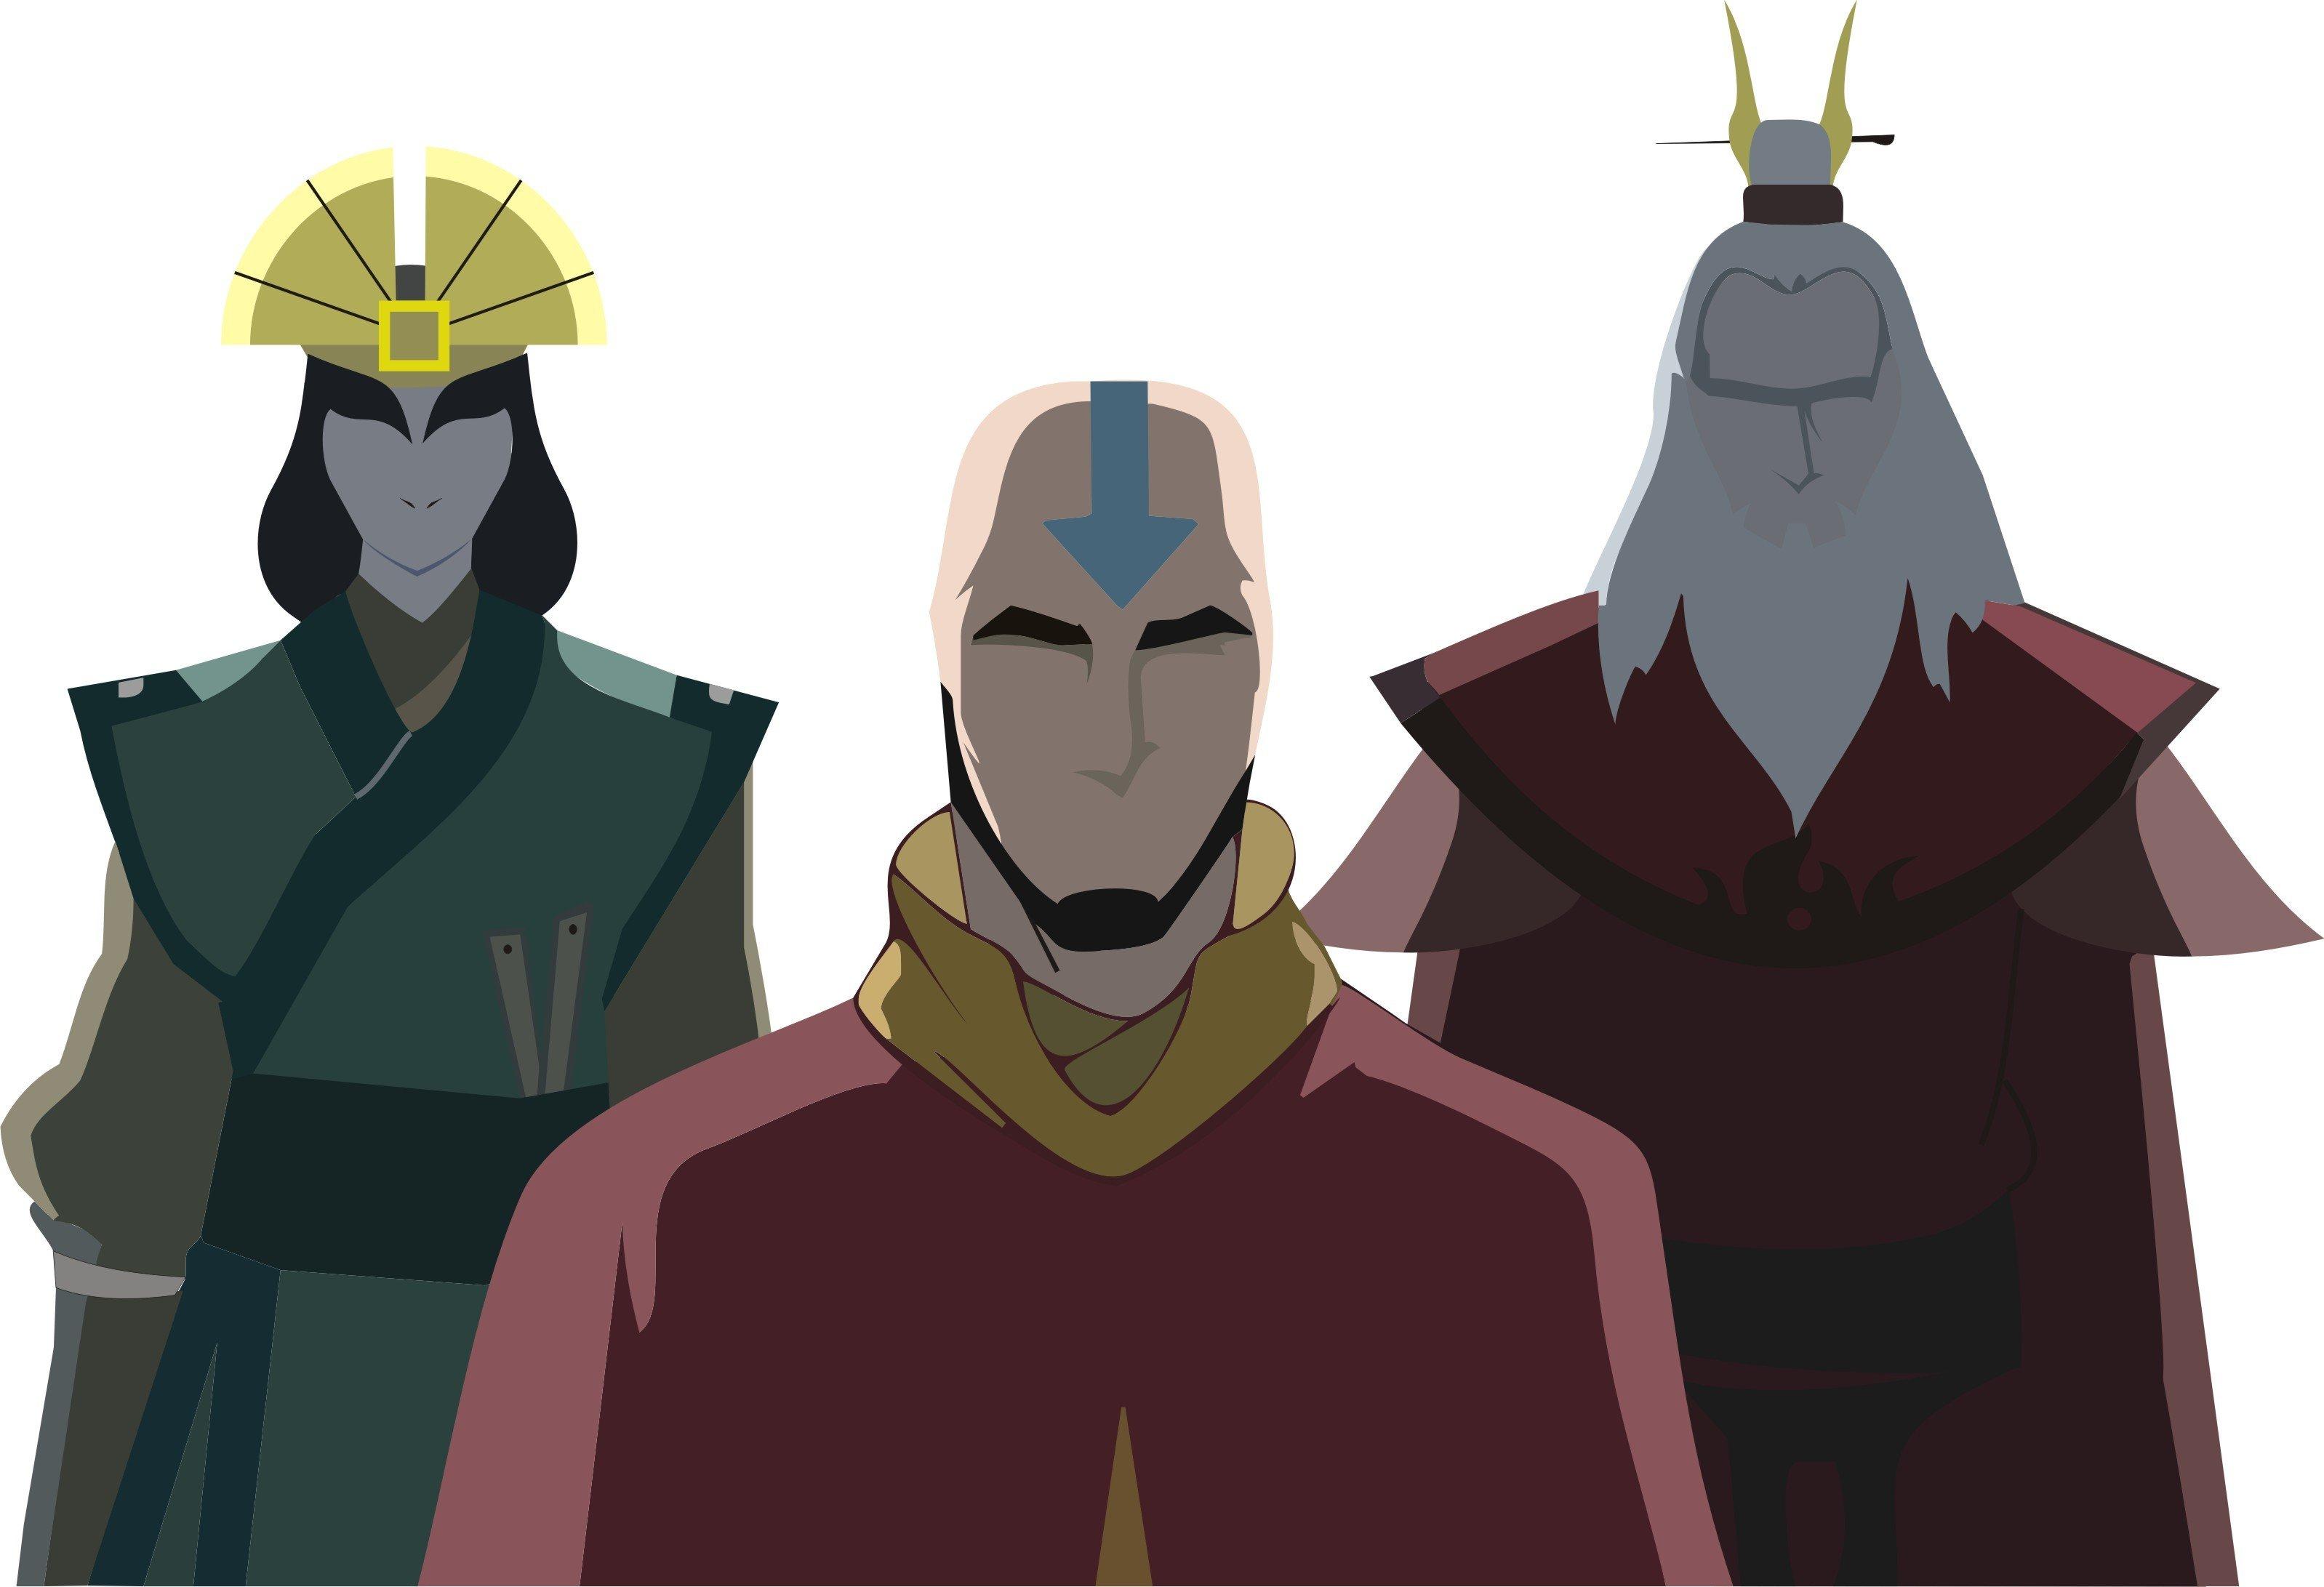 Aang Avatar The Legend Of Korra Wallpaper 3196x2183 249226